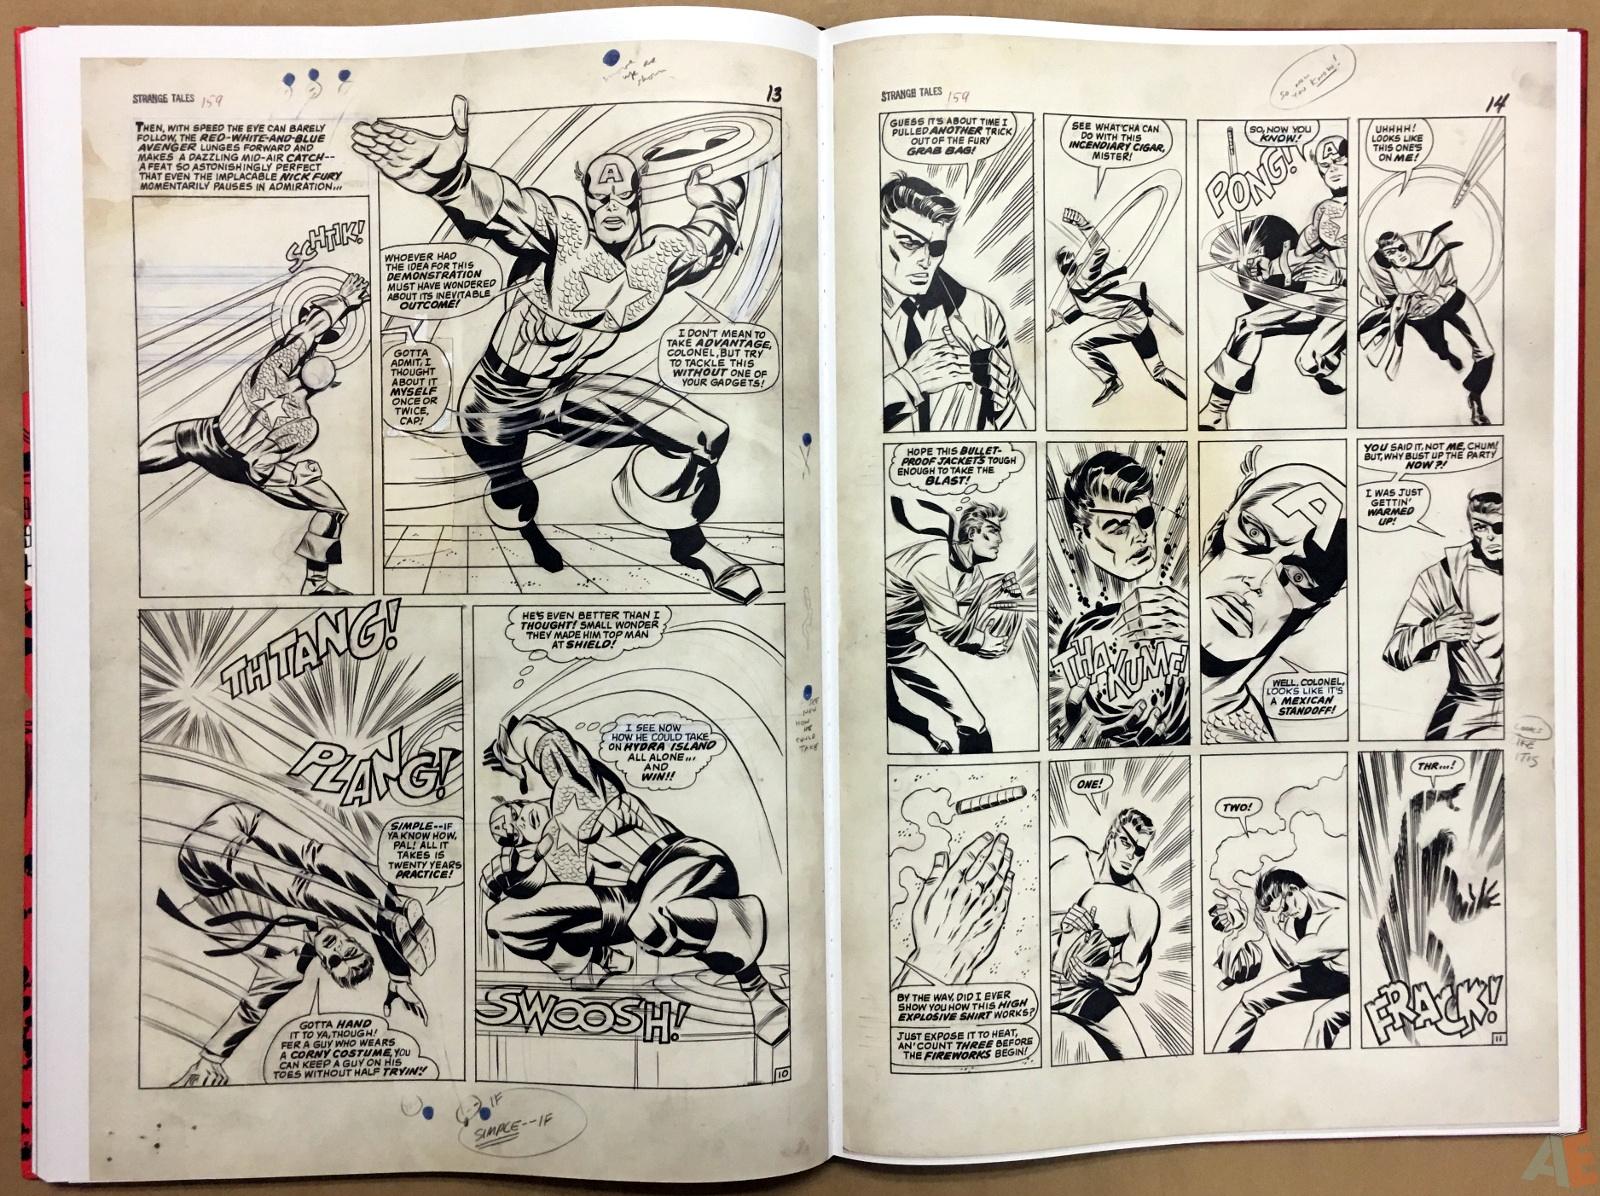 Steranko Nick Fury Agent of S.H.I.E.L.D. Artist's Edition 46